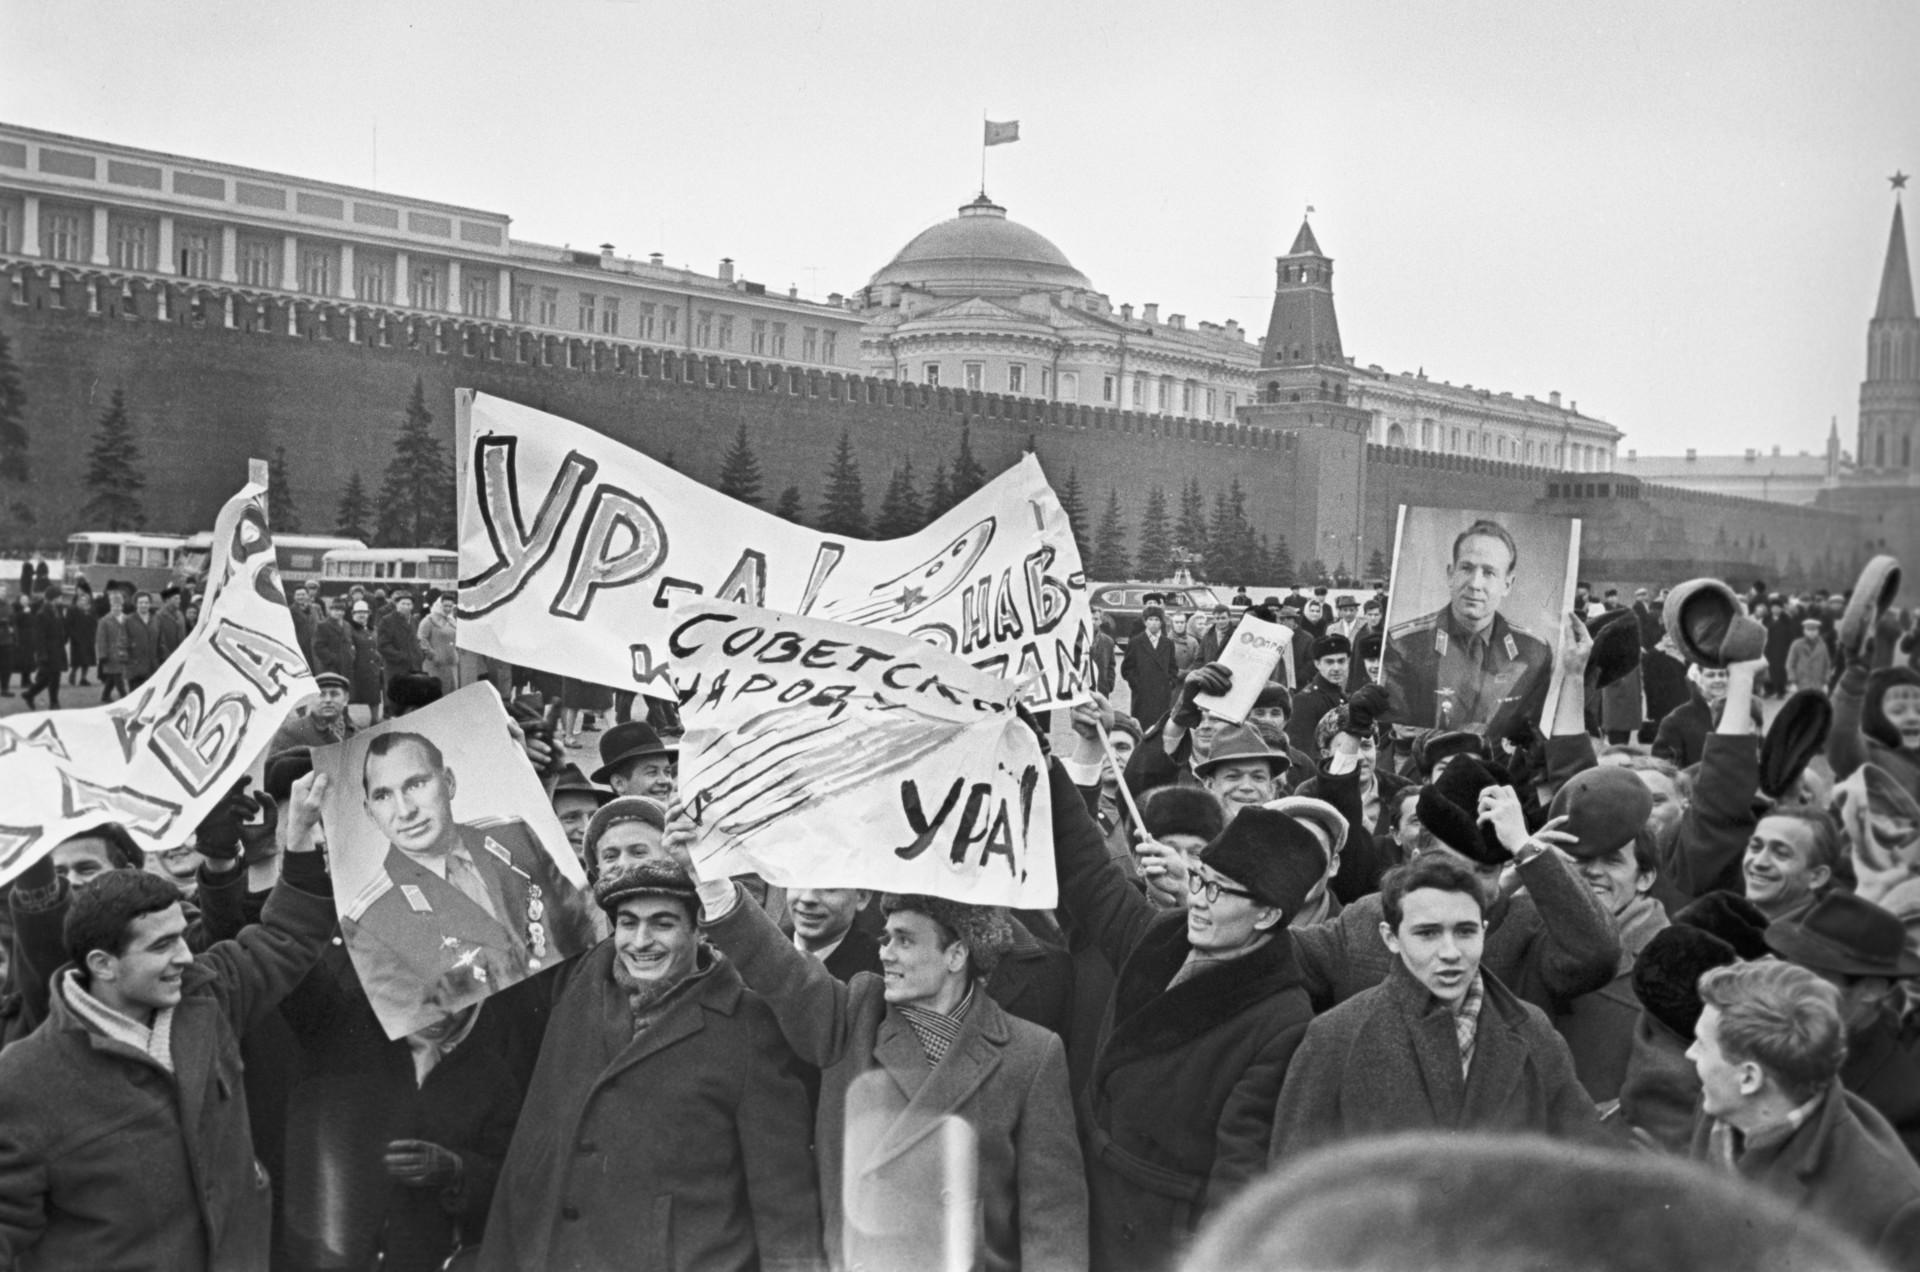 Celebración solemne en la Plaza Roja en honor a Leónov y el capitán de la nave, Pável Beliáyev